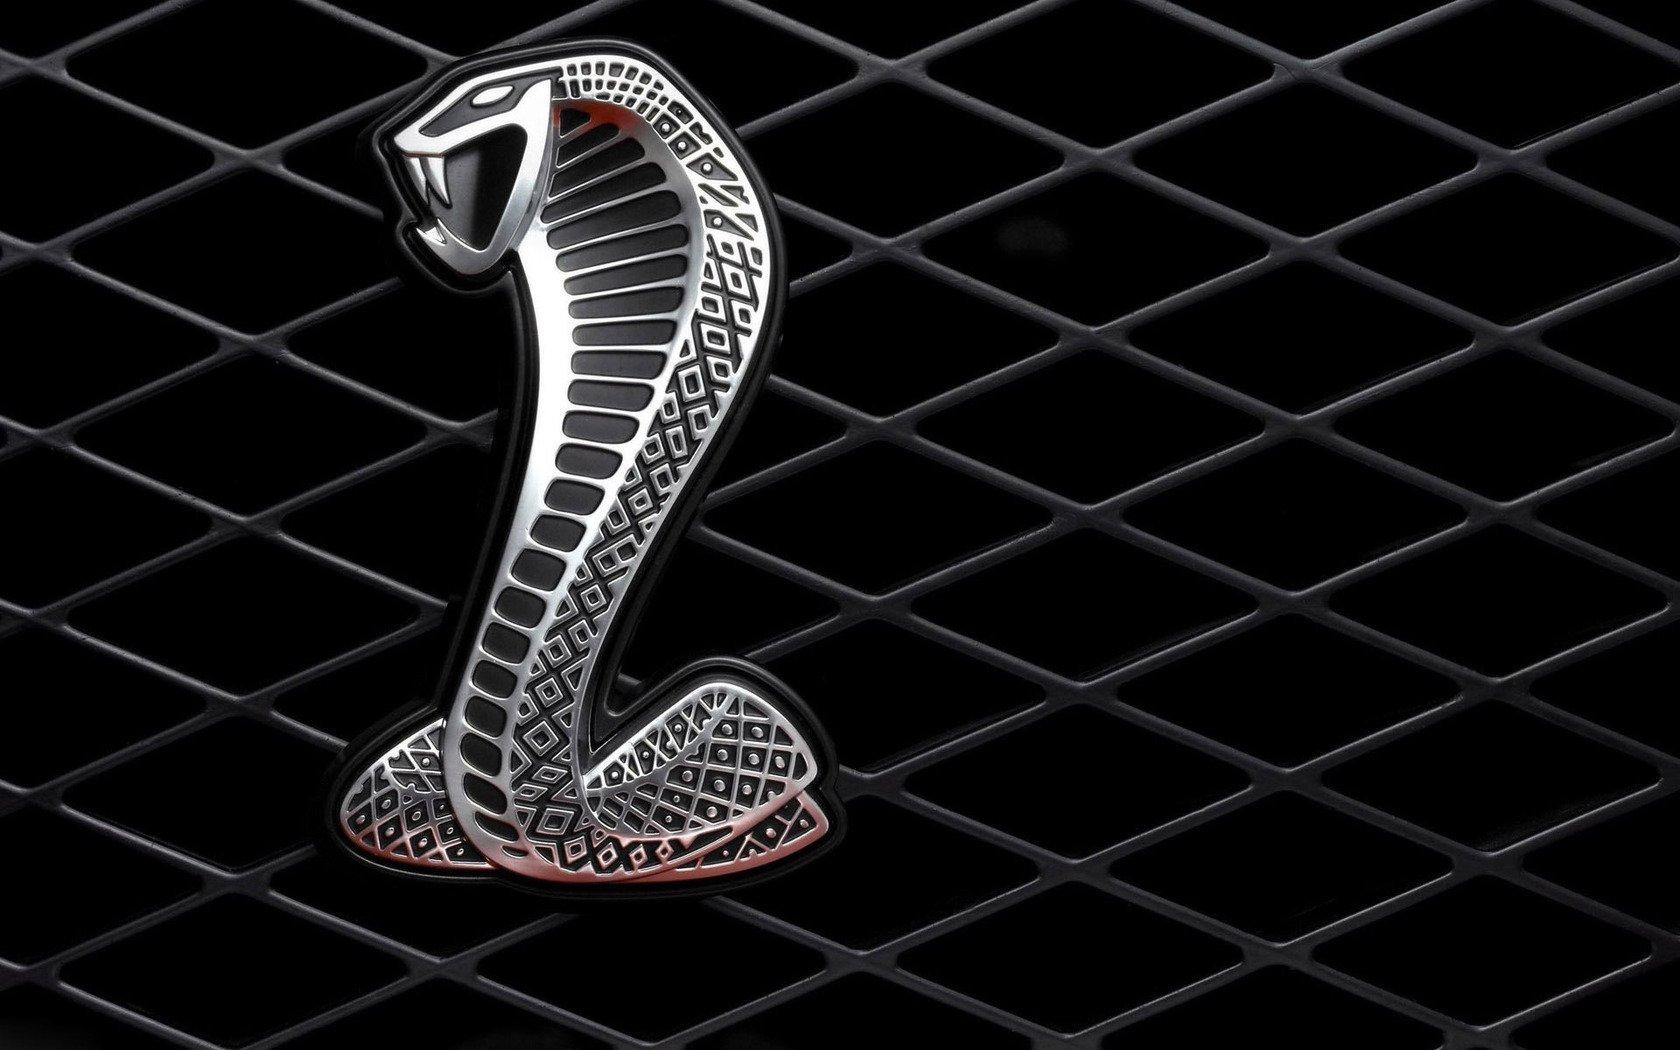 shelby gt500 super snake logo wallpaper wallpaper